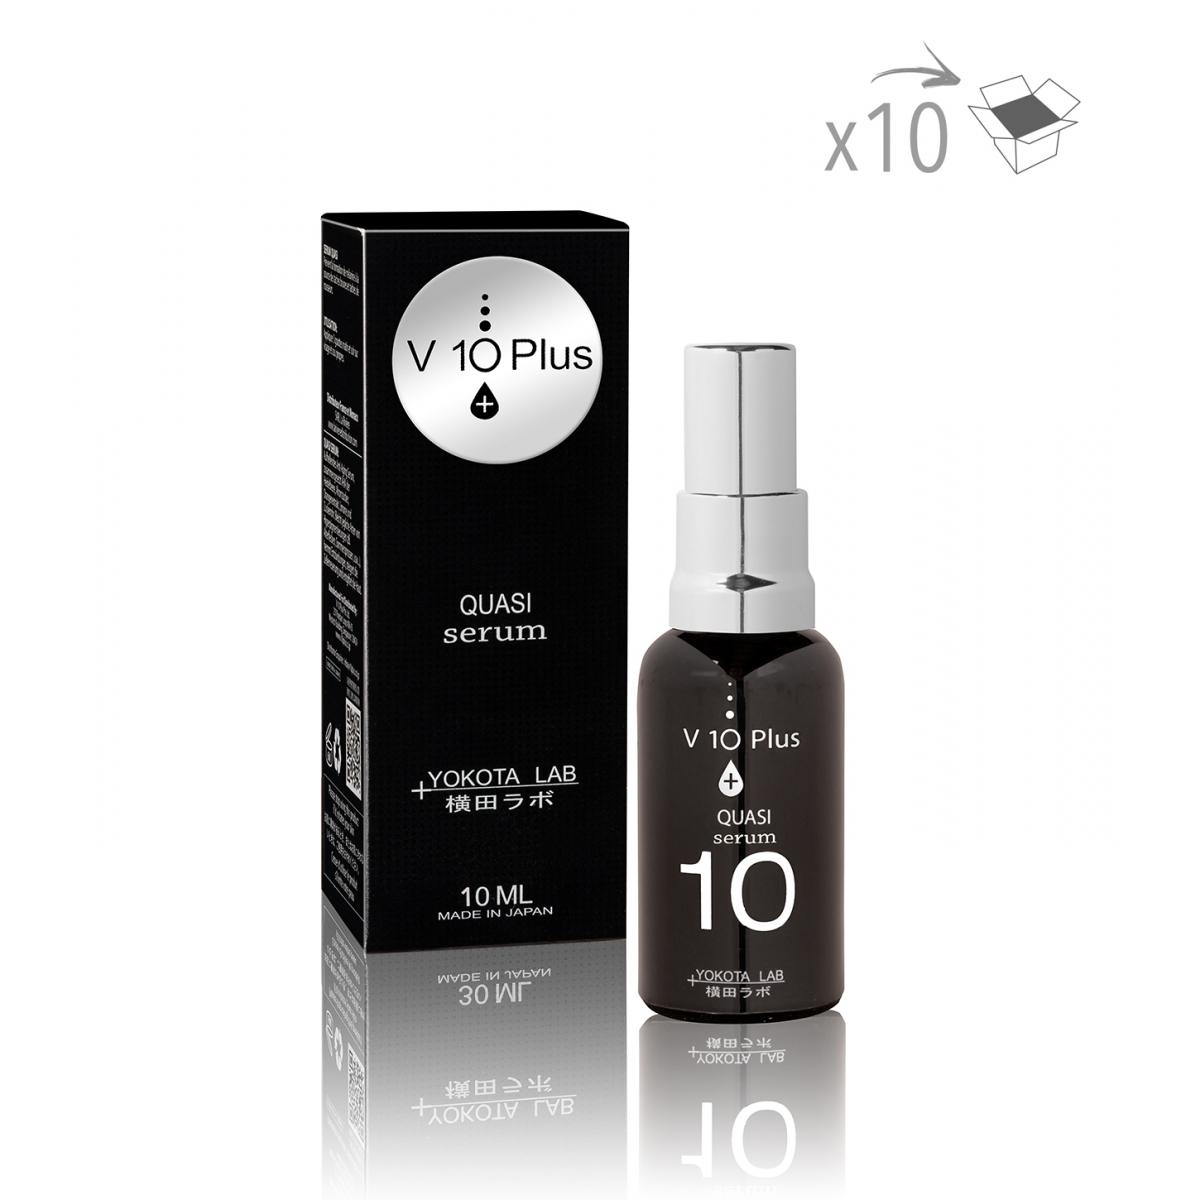 PRODUITS A LA REVENTE - QUASI SERUM V10+ (30 ml) (x10)